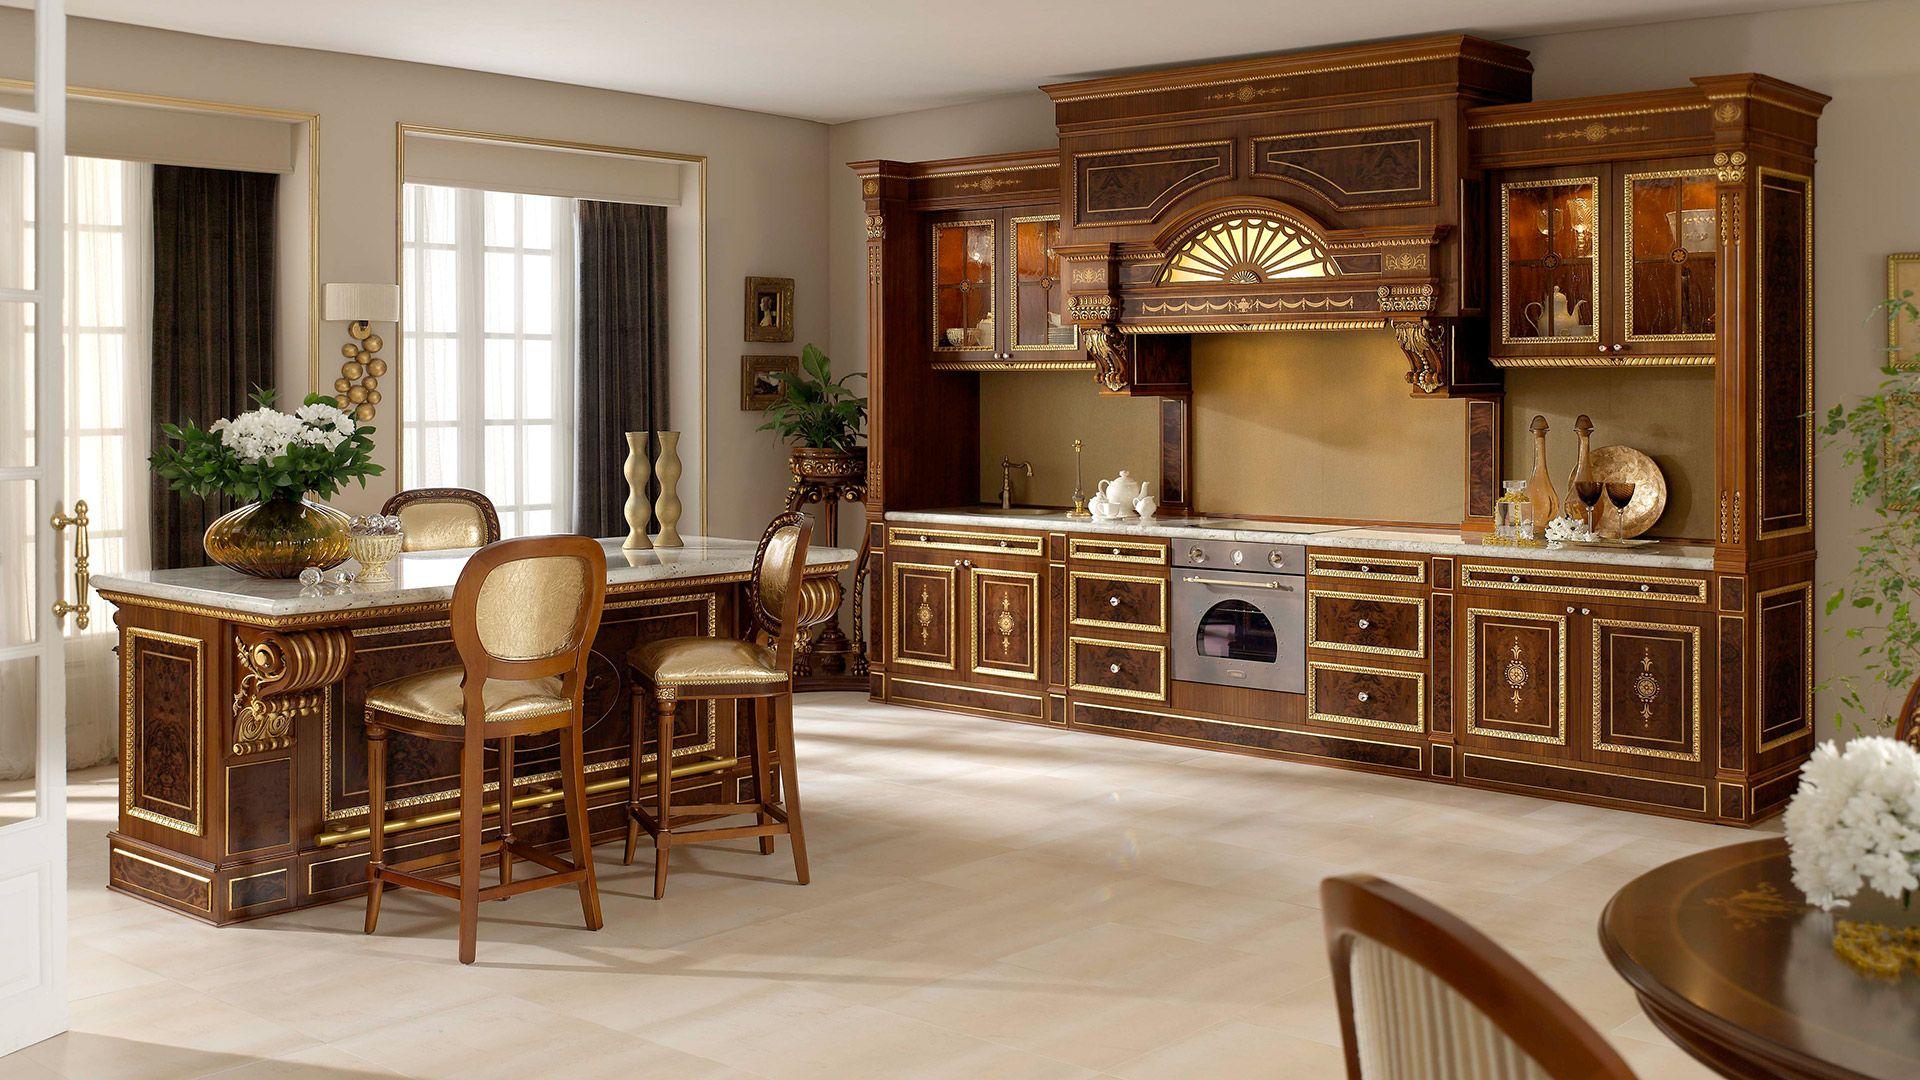 Cocina de lujo georgia muebles de lujo pic espacios - Muebles de cocina de lujo ...